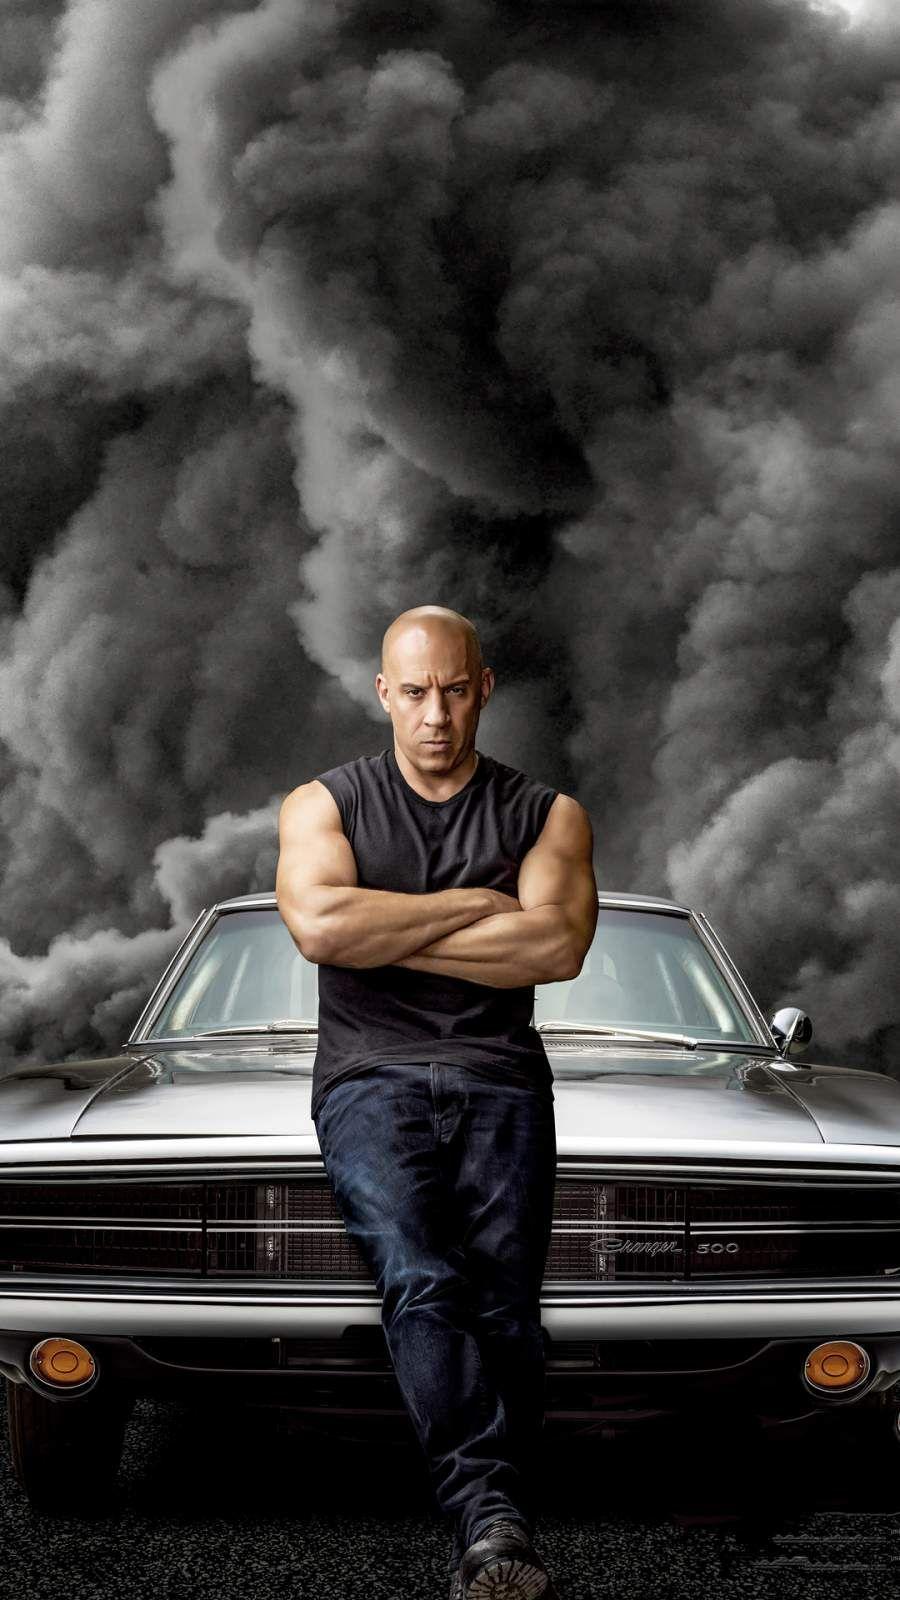 Vin Diesel Fast and Furious 9 iPhone Wallpaper en 2020